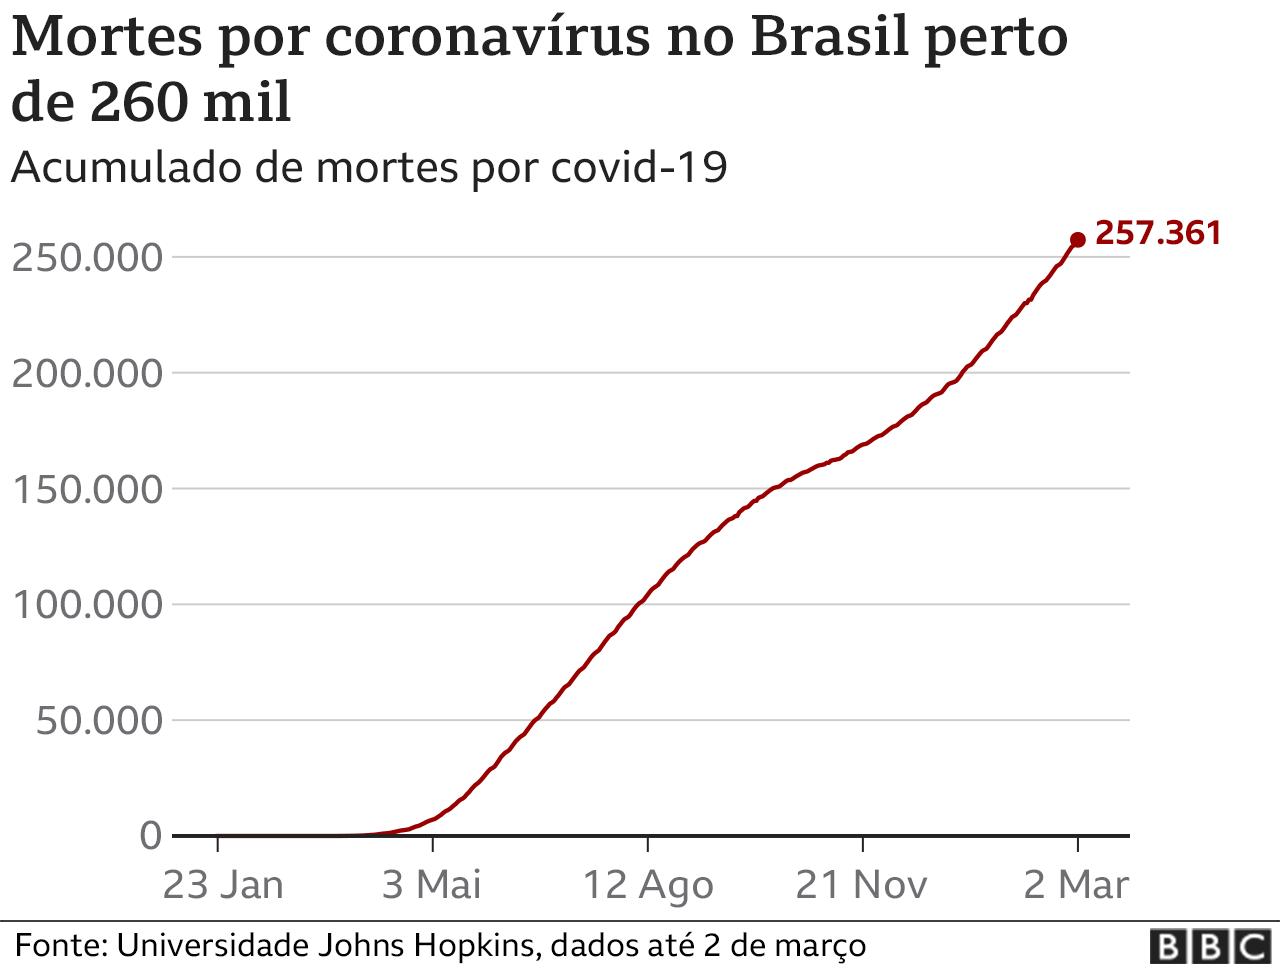 Gráfico mostra trajetória do cumulado de mortes por covid-19 no Brasil